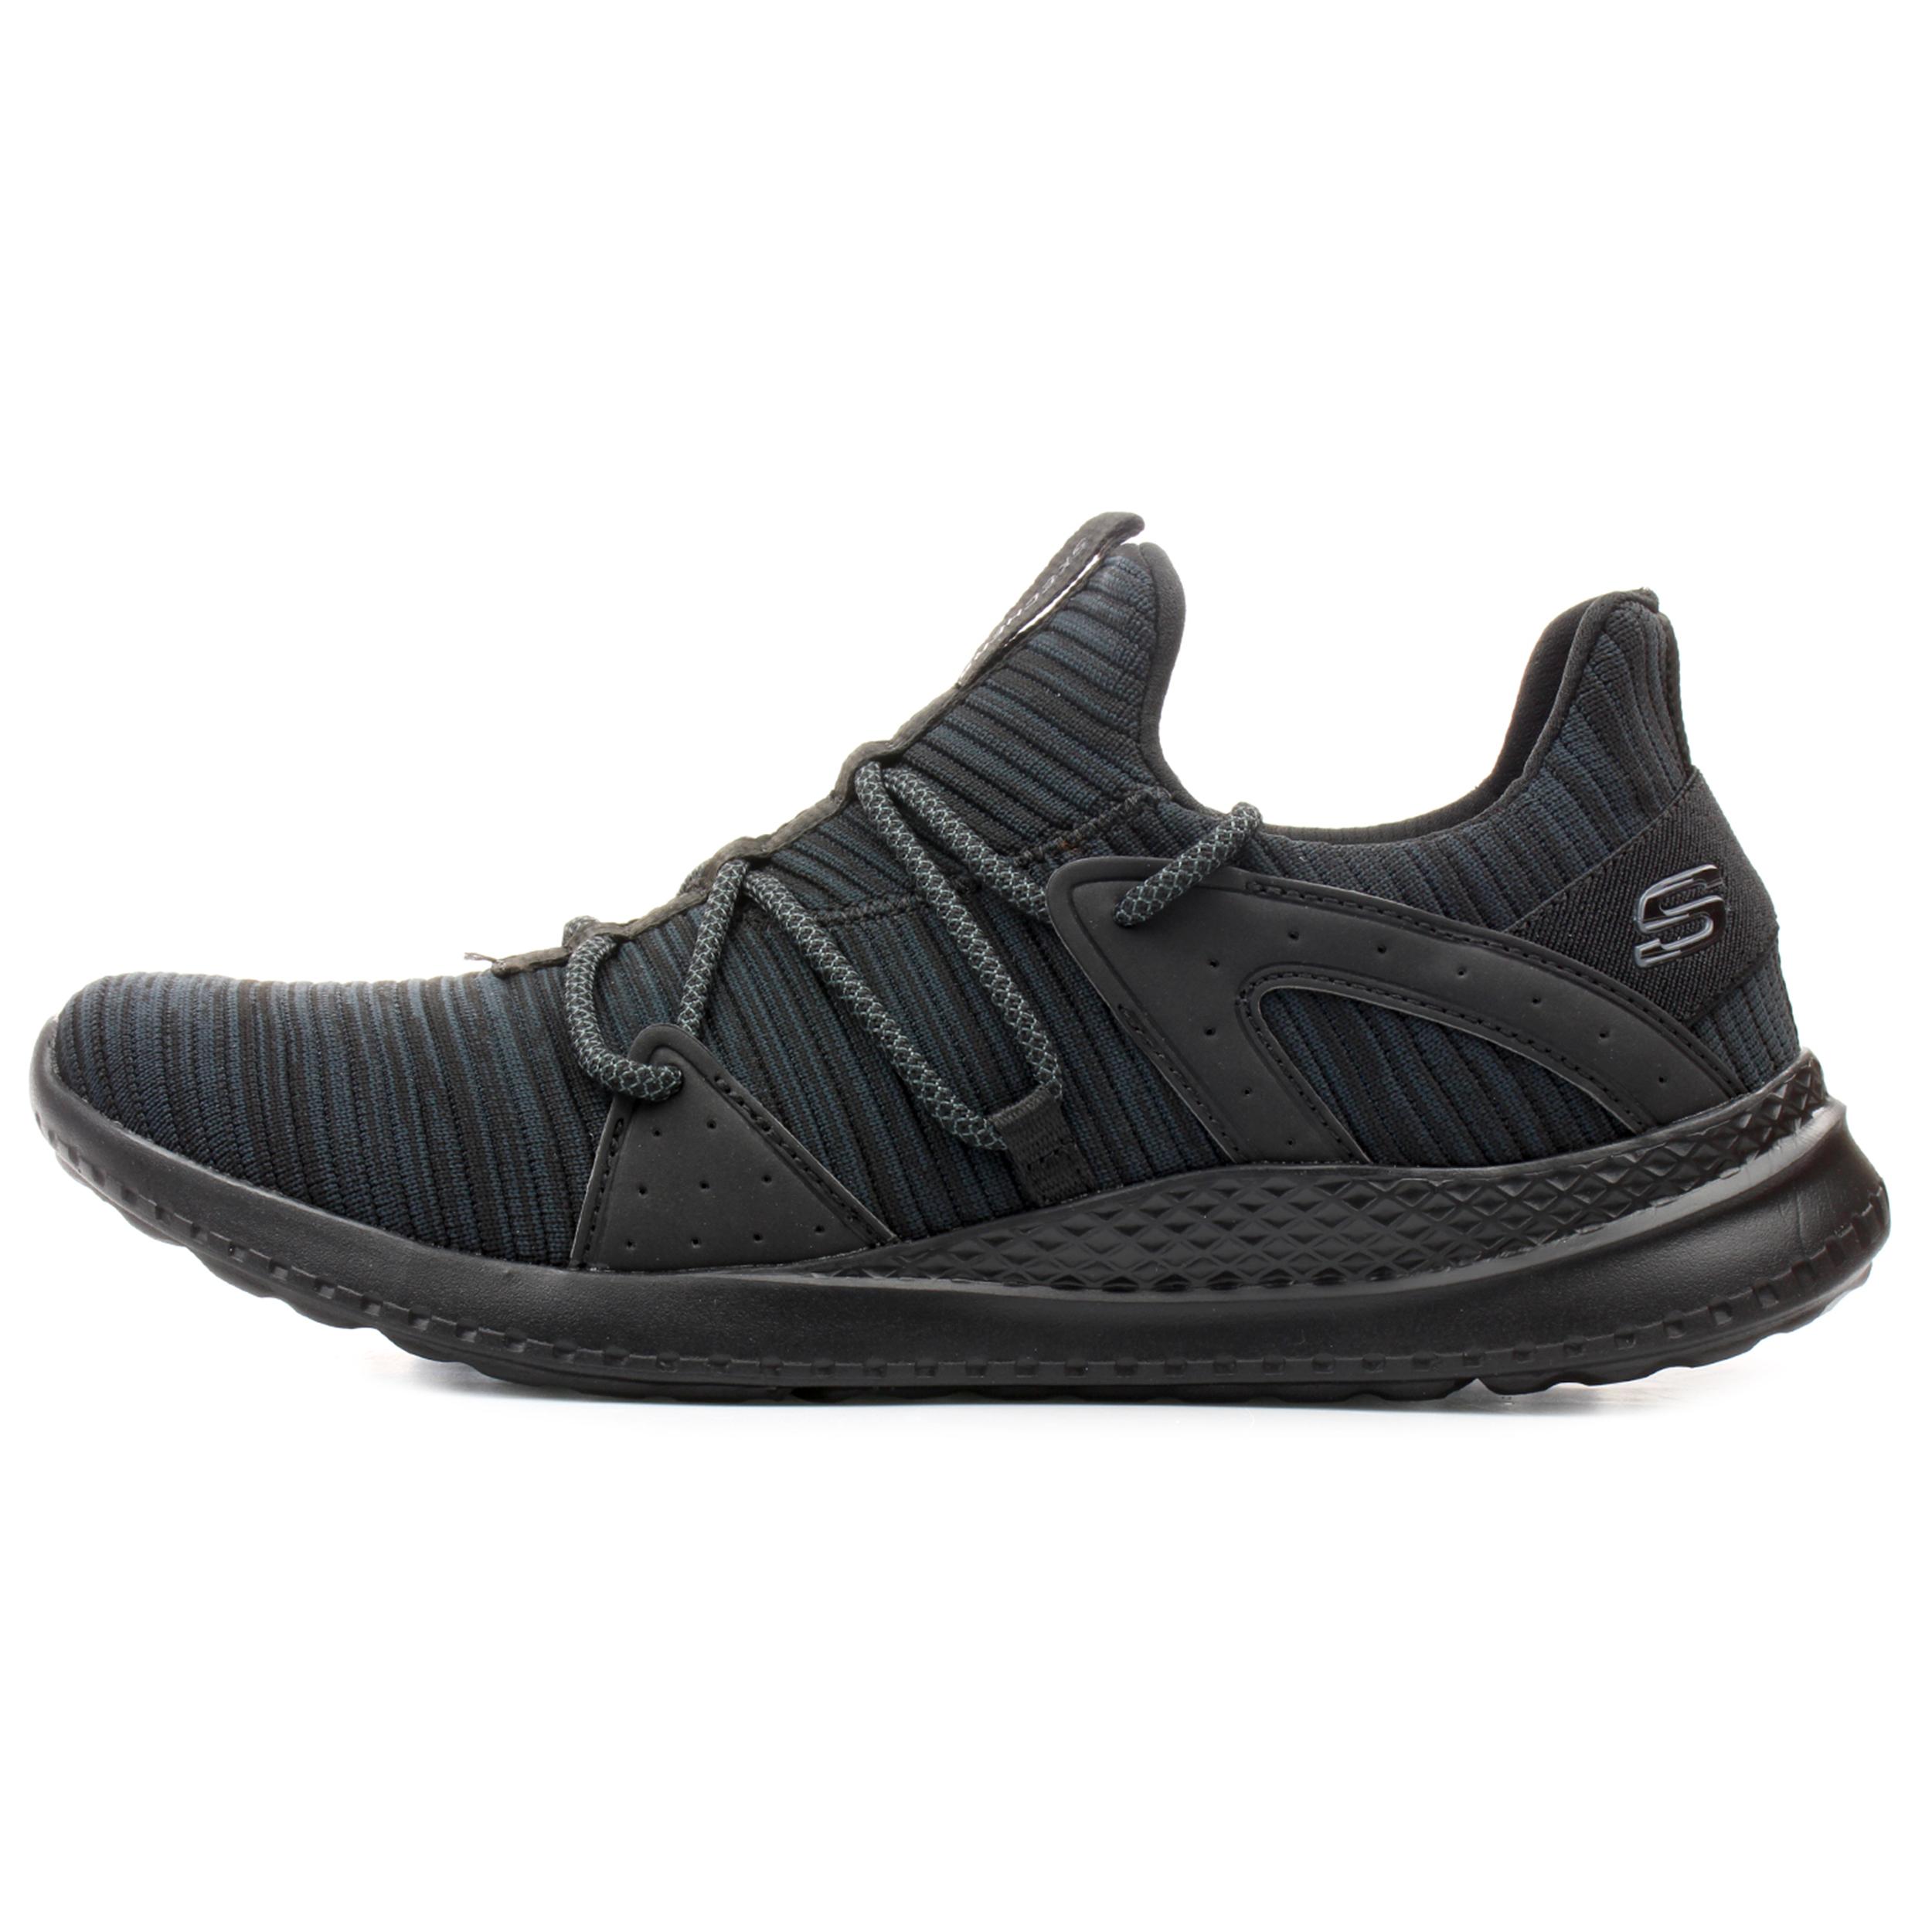 کفش مخصوص پیاده روی مردانه اسکچرز مدل  MIRACLE 51859BBK